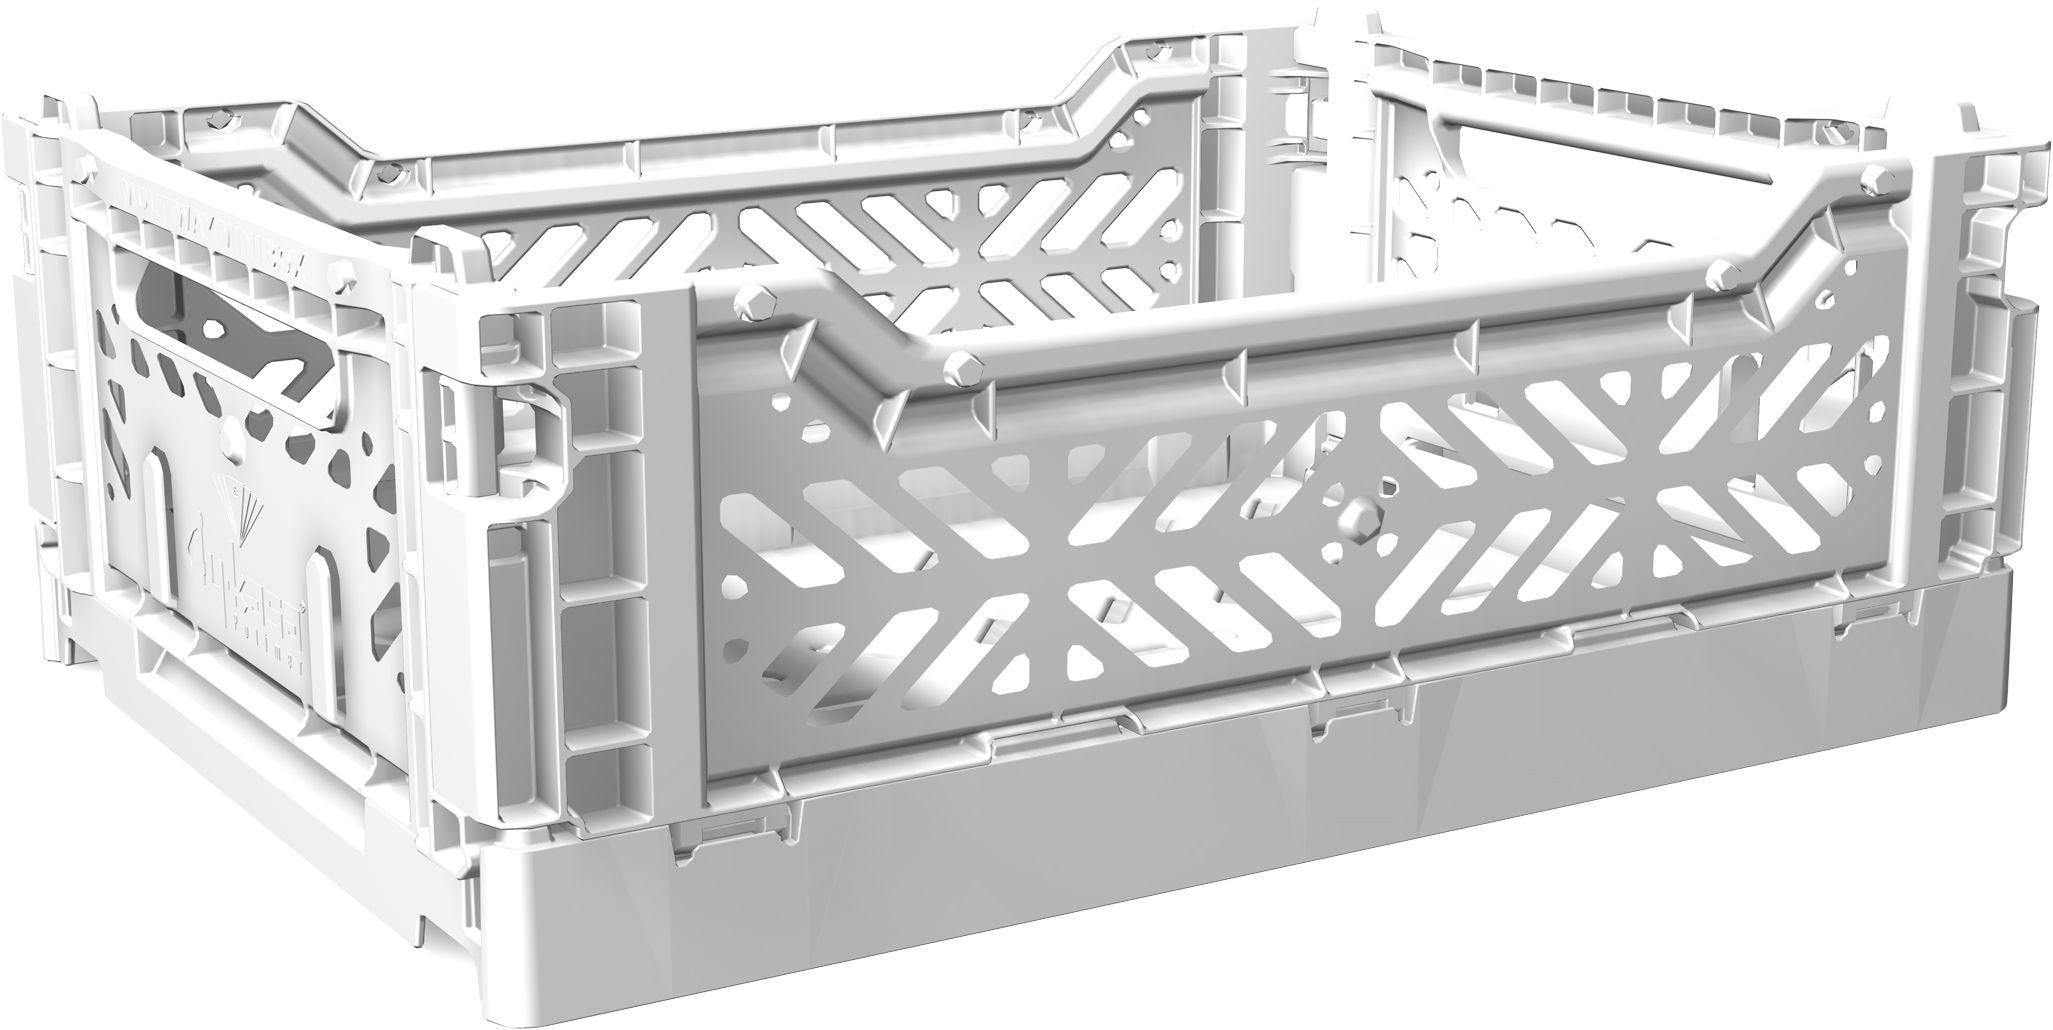 Accessoires - Accessoires bureau - Casier de rangement Midi Box / pliable L 40 cm - Surplus Systems - Pop Corn - Blanc - Polypropylène